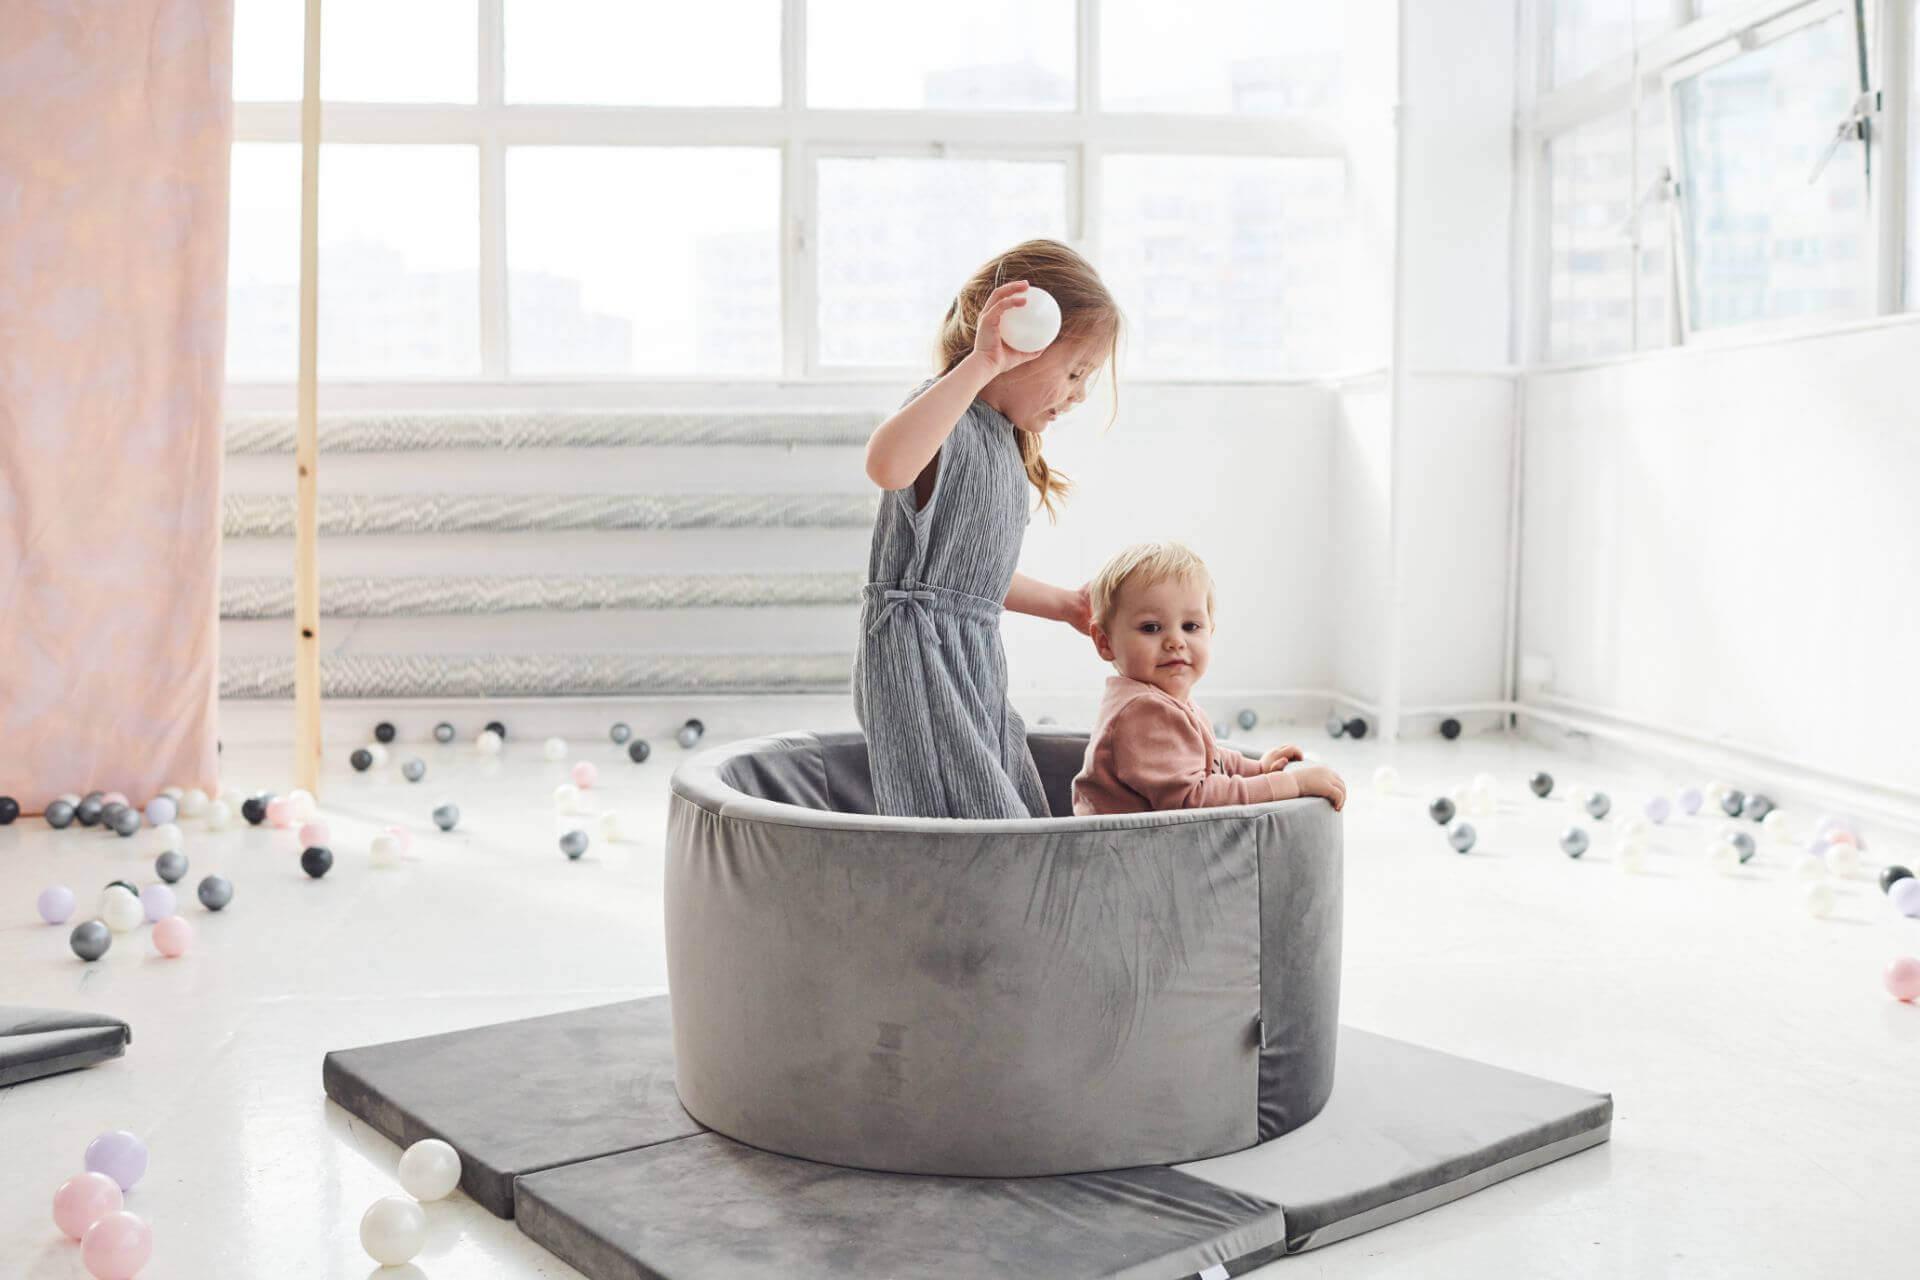 Welche Bällebad Kolektion wird für Sie perfekt sein?